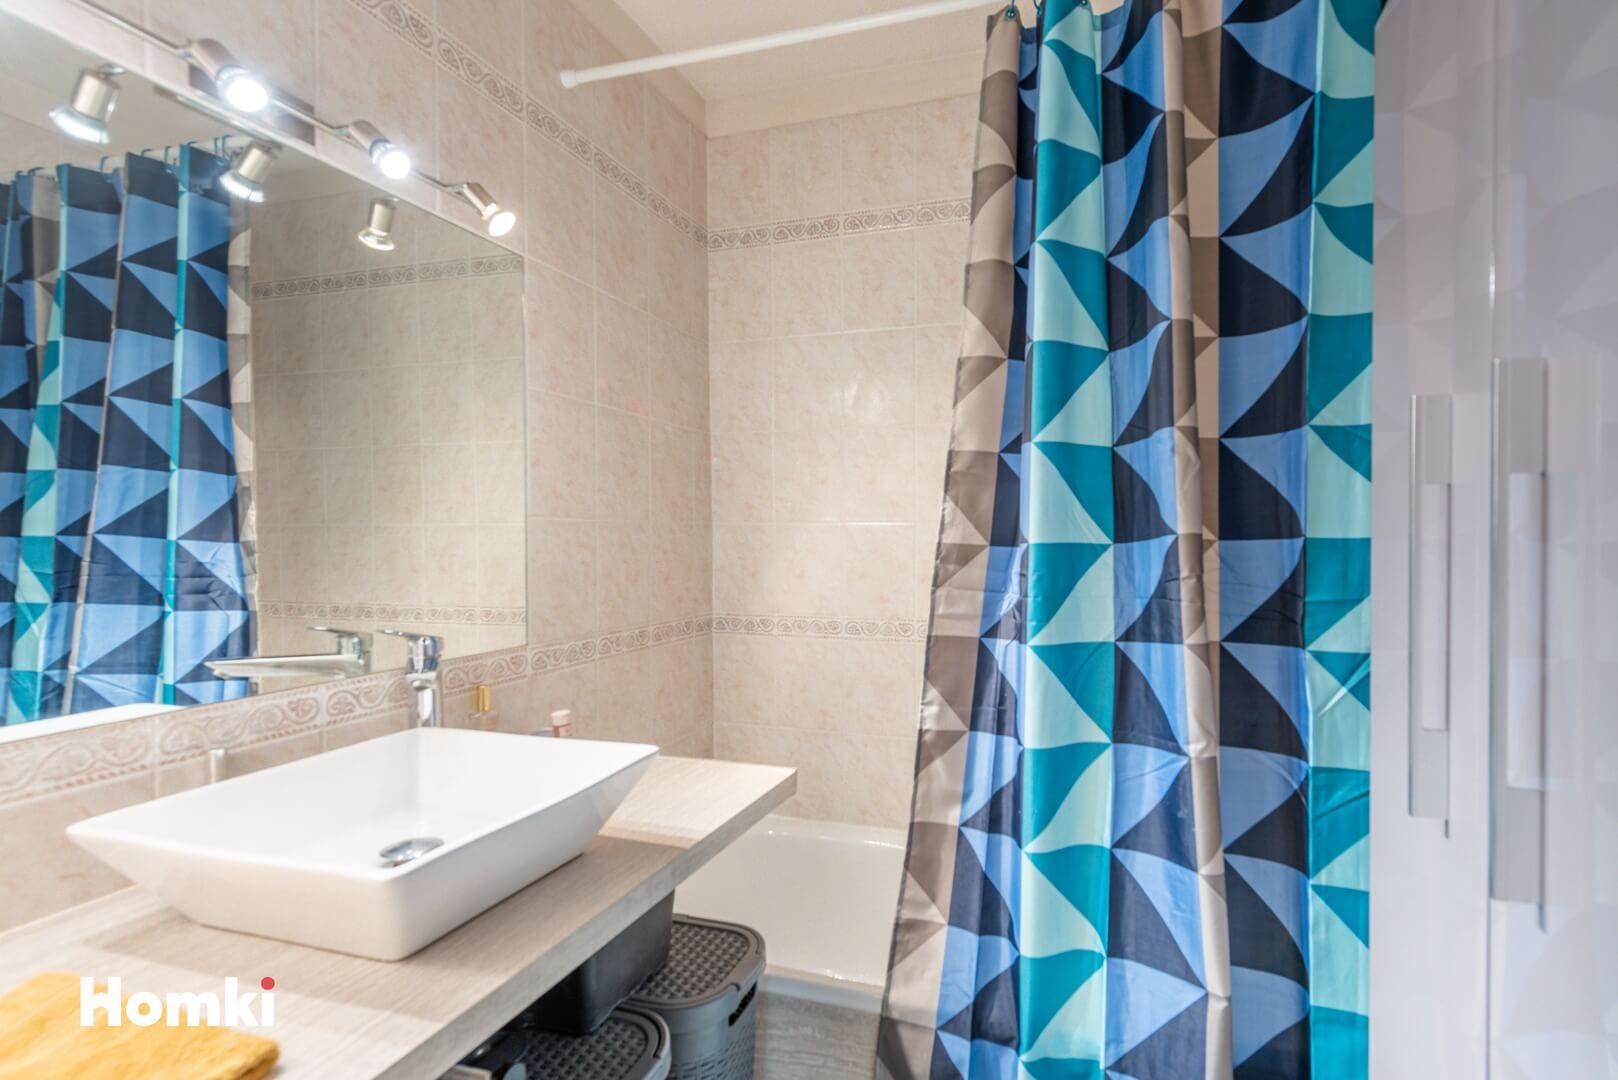 Homki - Vente Appartement  de 63.0 m² à Mougins 06250